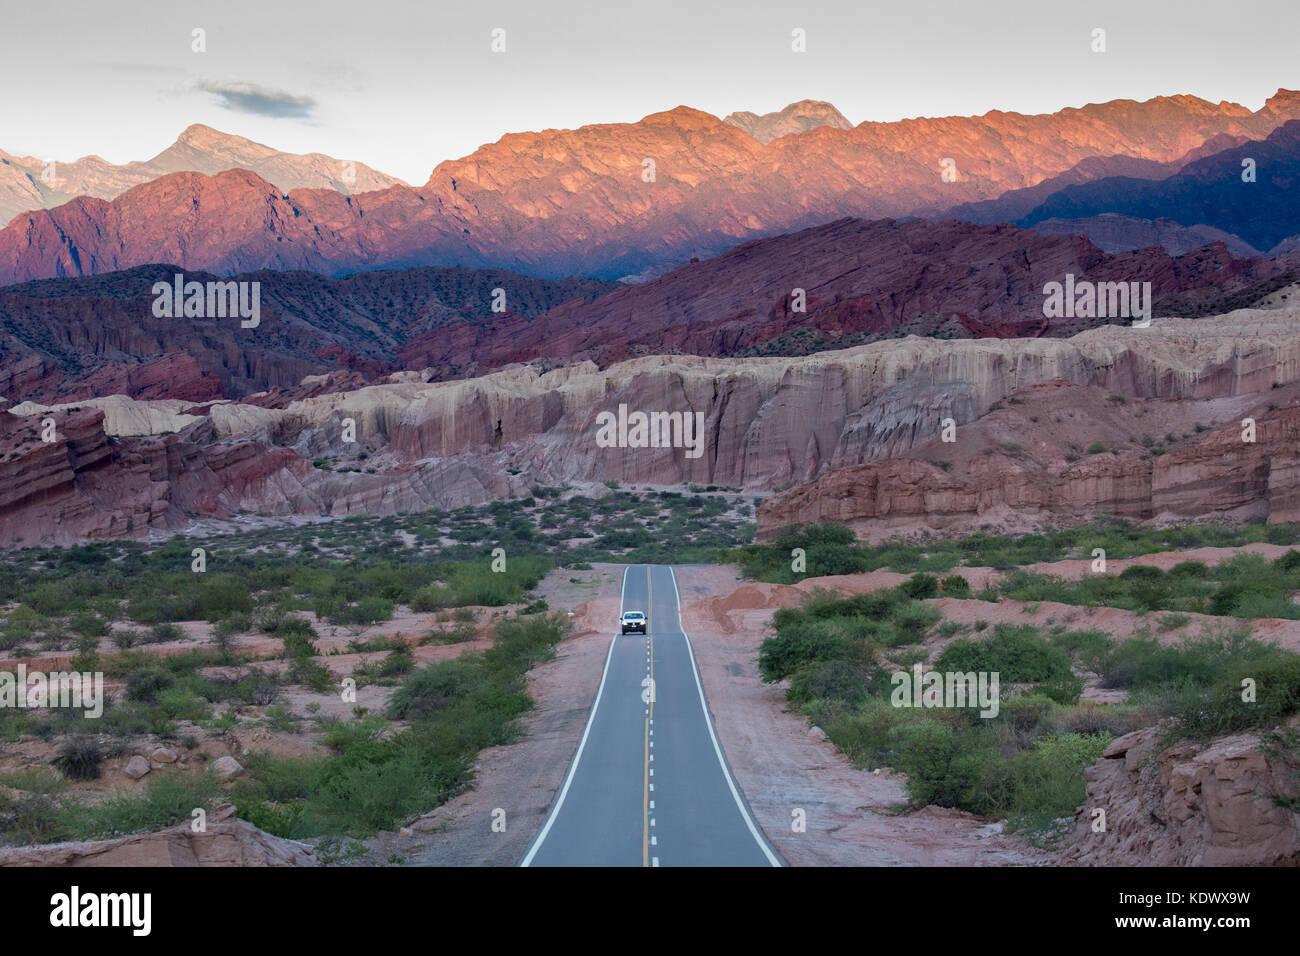 A car on the road at Quebrada de la Conches, Valles Calchaquies, Salta Province, Argentina - Stock Image